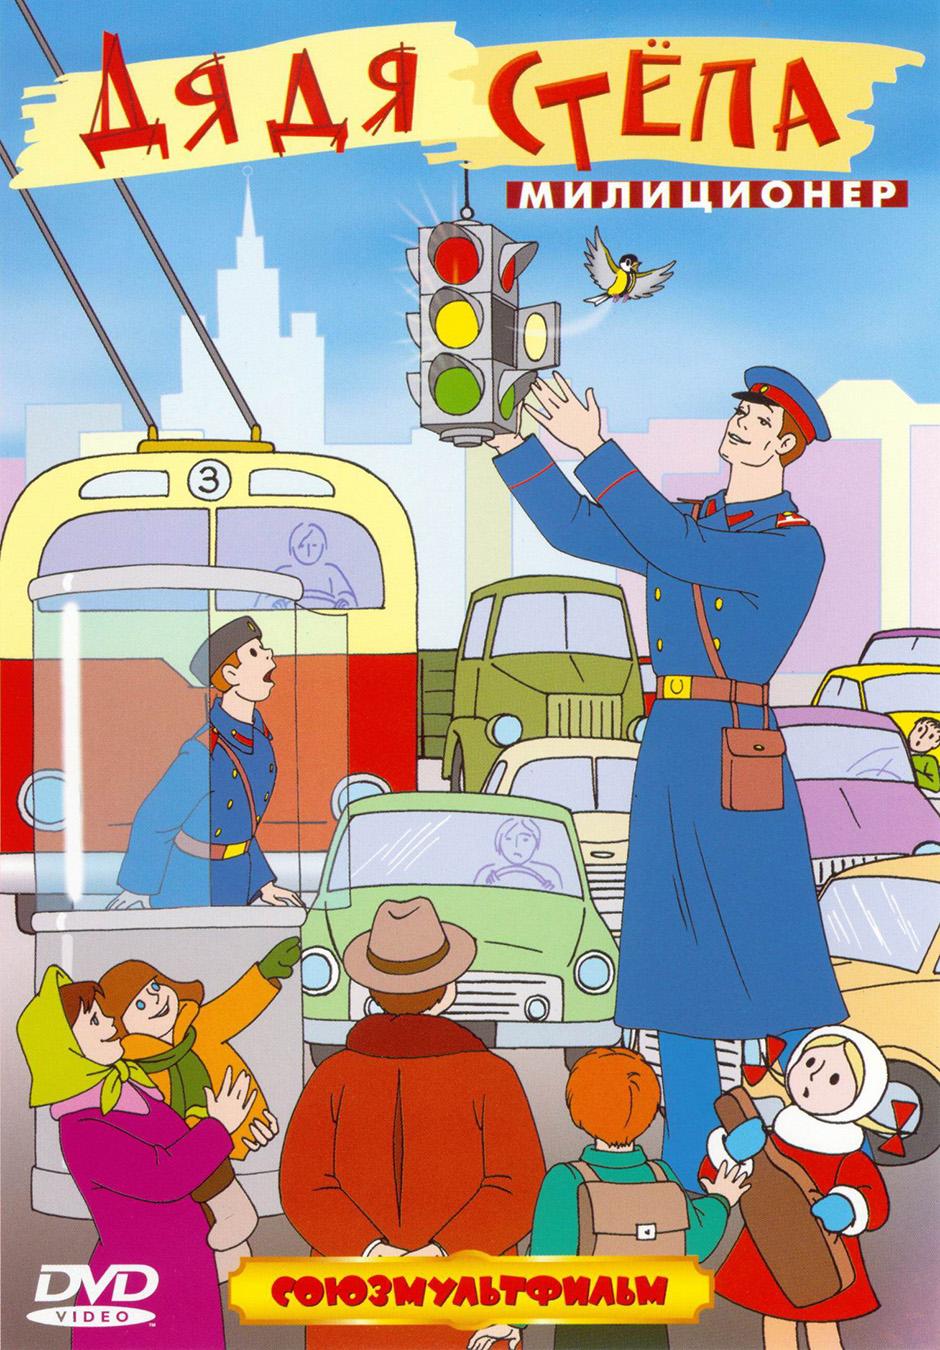 Независимости казахстана, дядя степа милиционер картинки из мультфильма